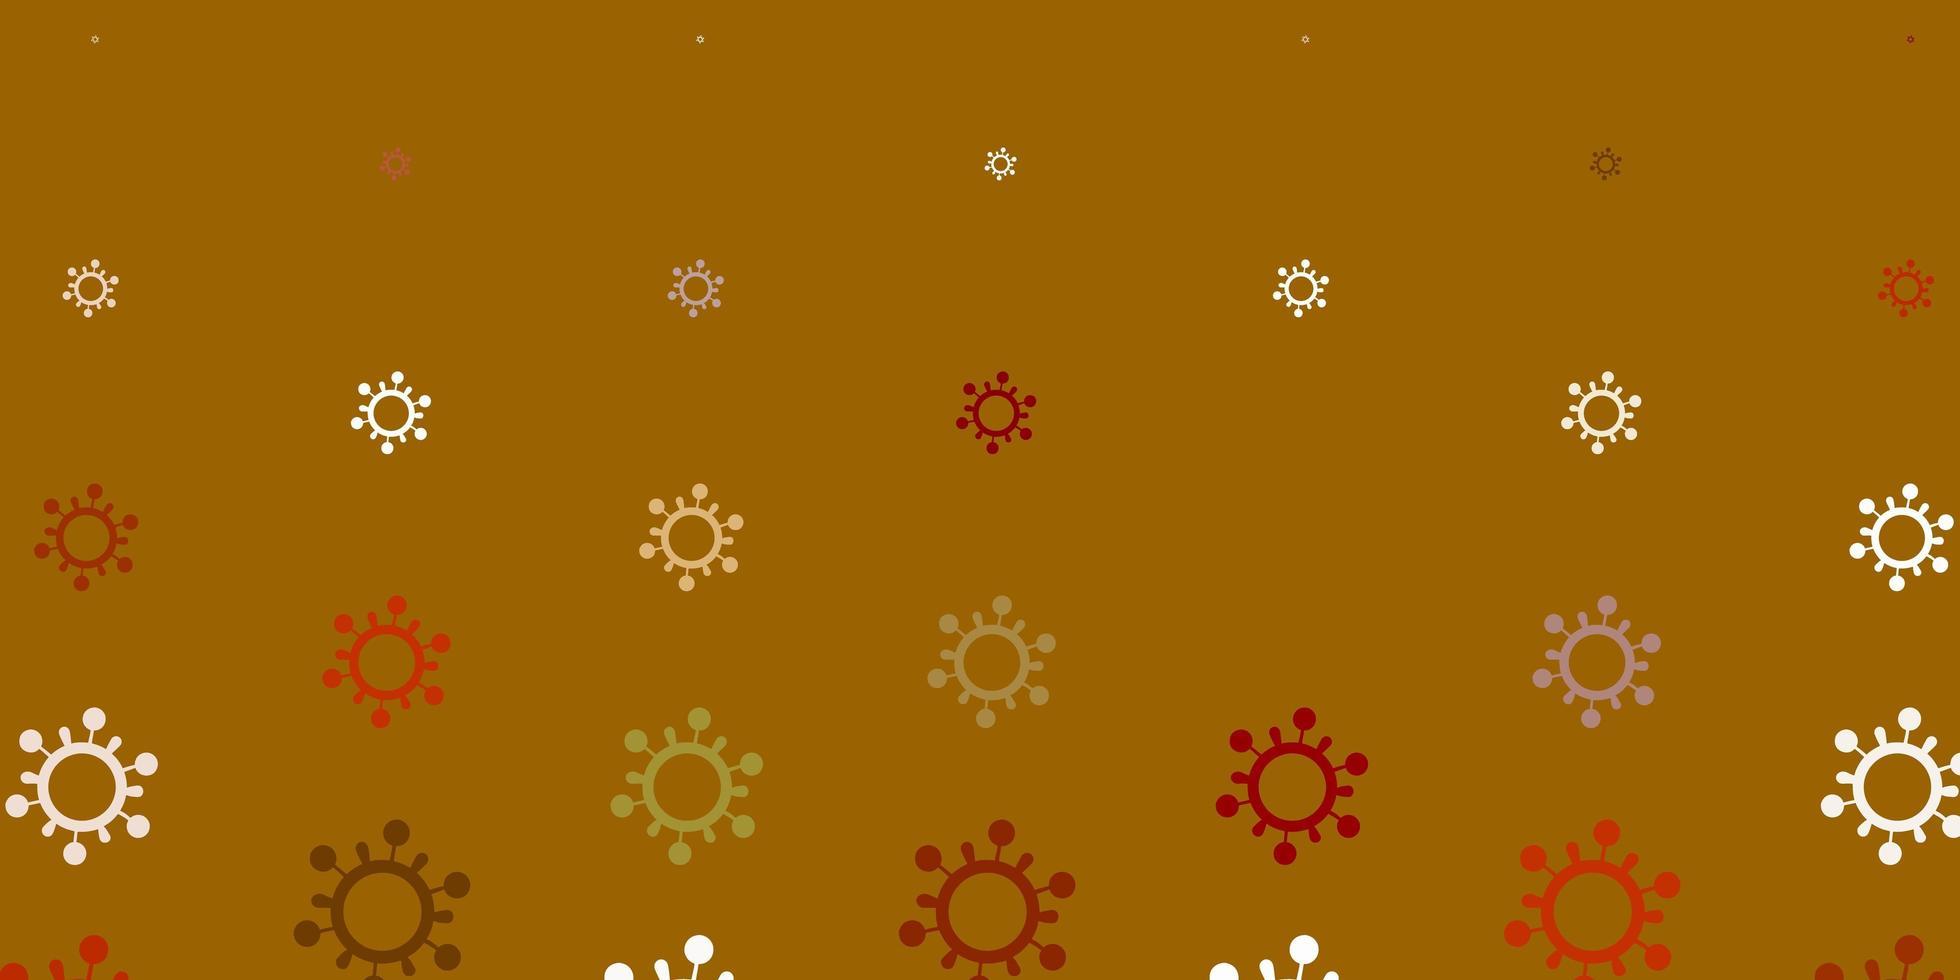 textura roja, marrón y blanca con símbolos de enfermedades. vector